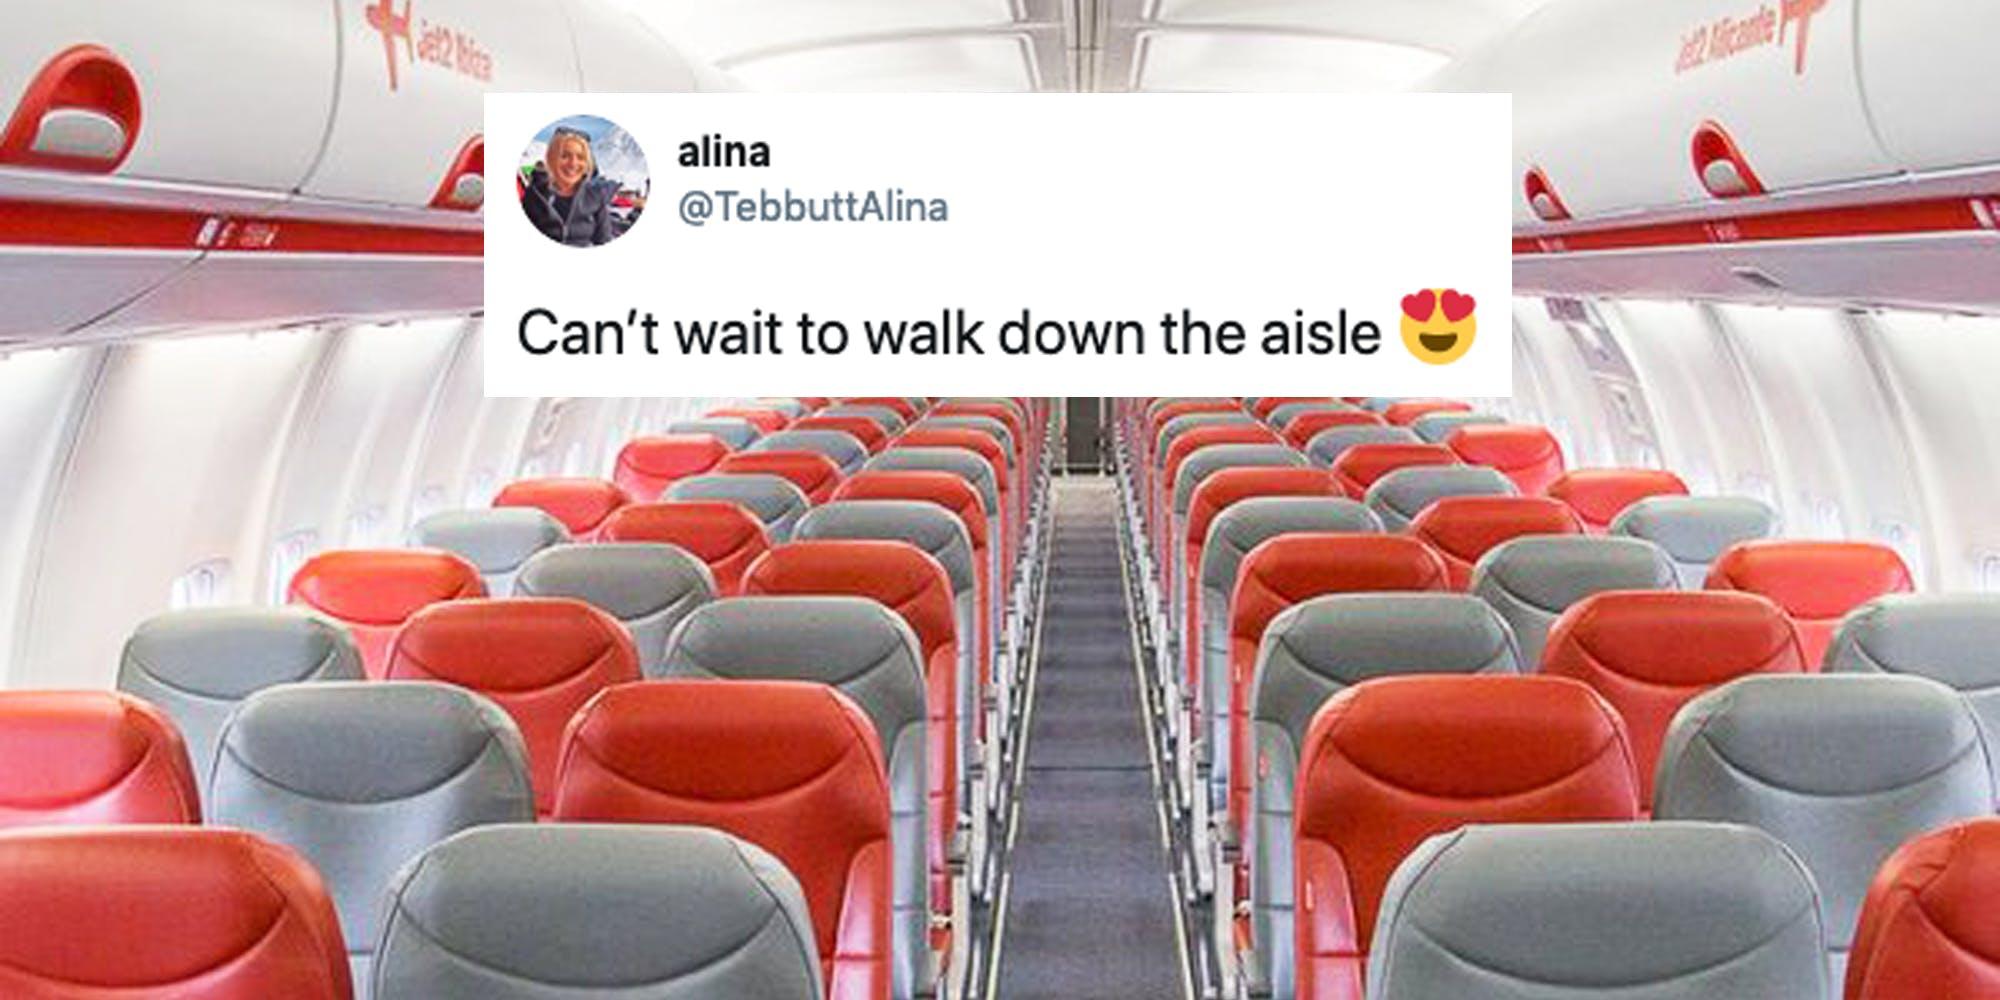 walk down the aisle meme